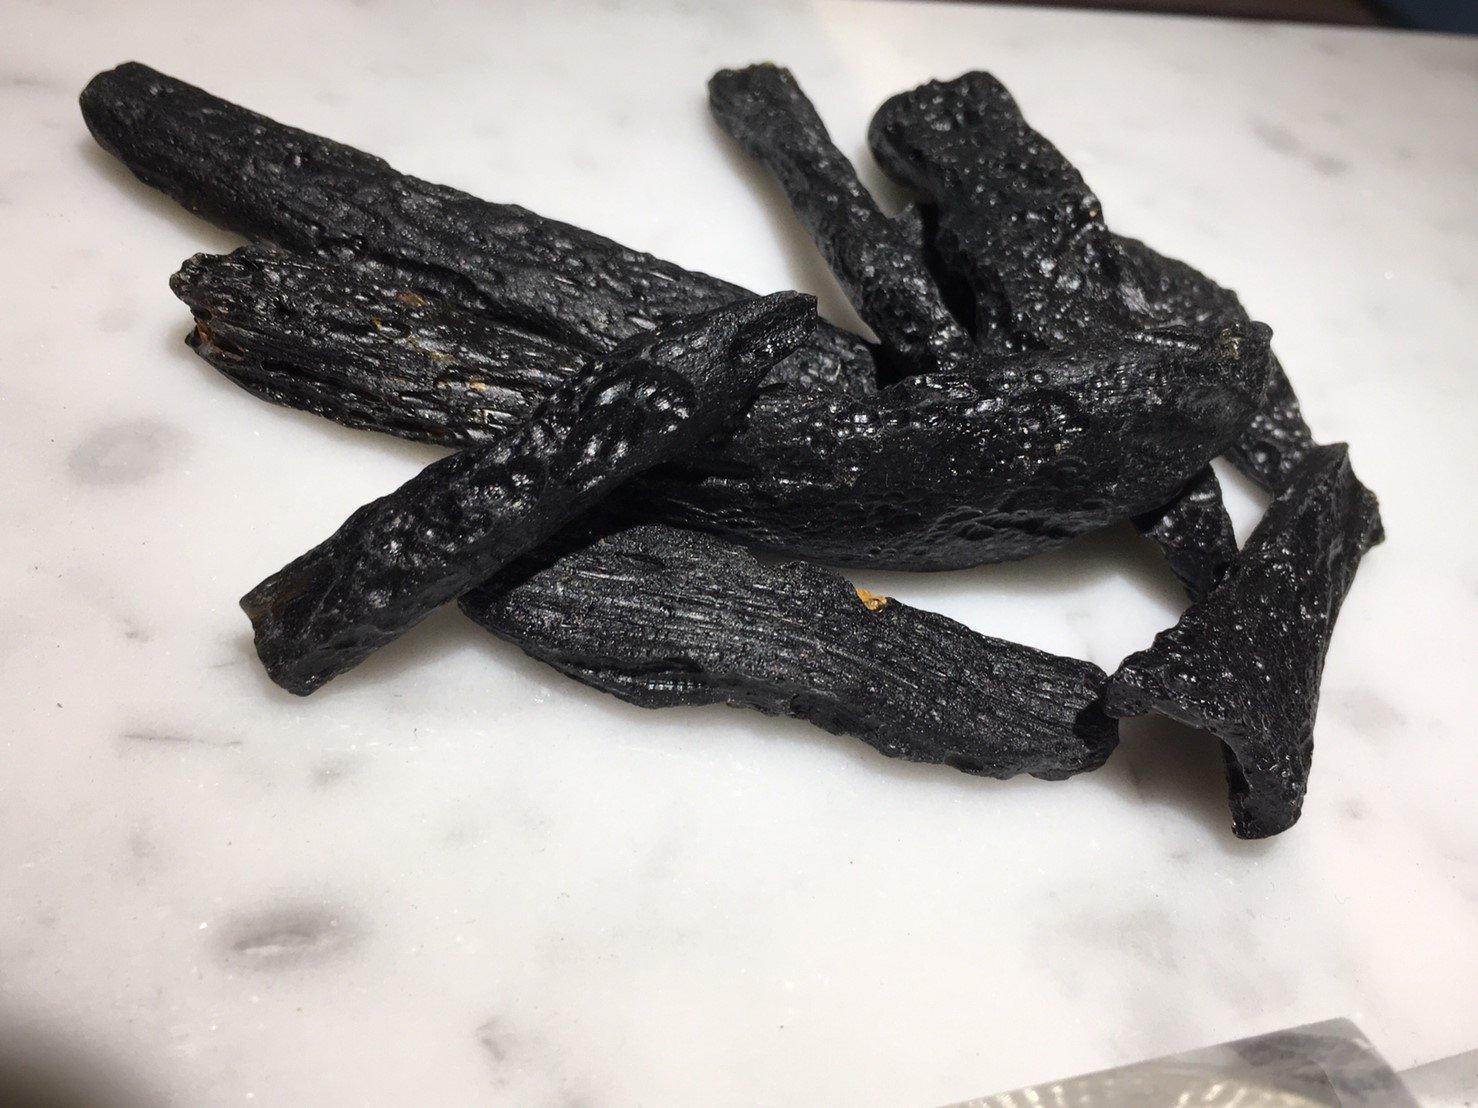 兆鑫 館-天然玻璃隕石 黑隕石 雷公墨 泰國隕石 原石 礦物 晶體 條柱款